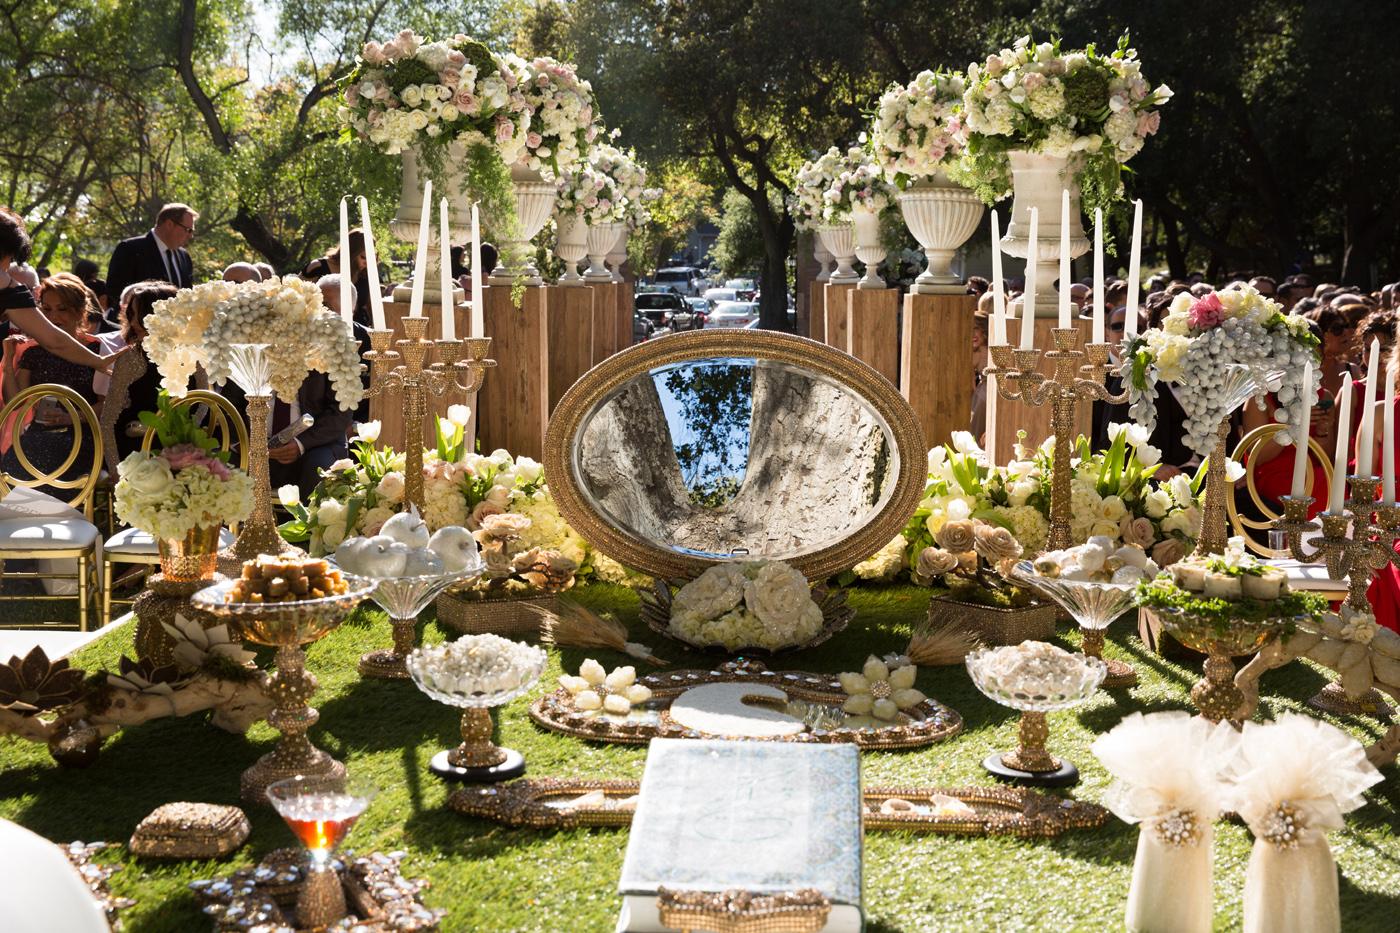 106_DukePhotography_DukeImages_Wedding_Details.jpg